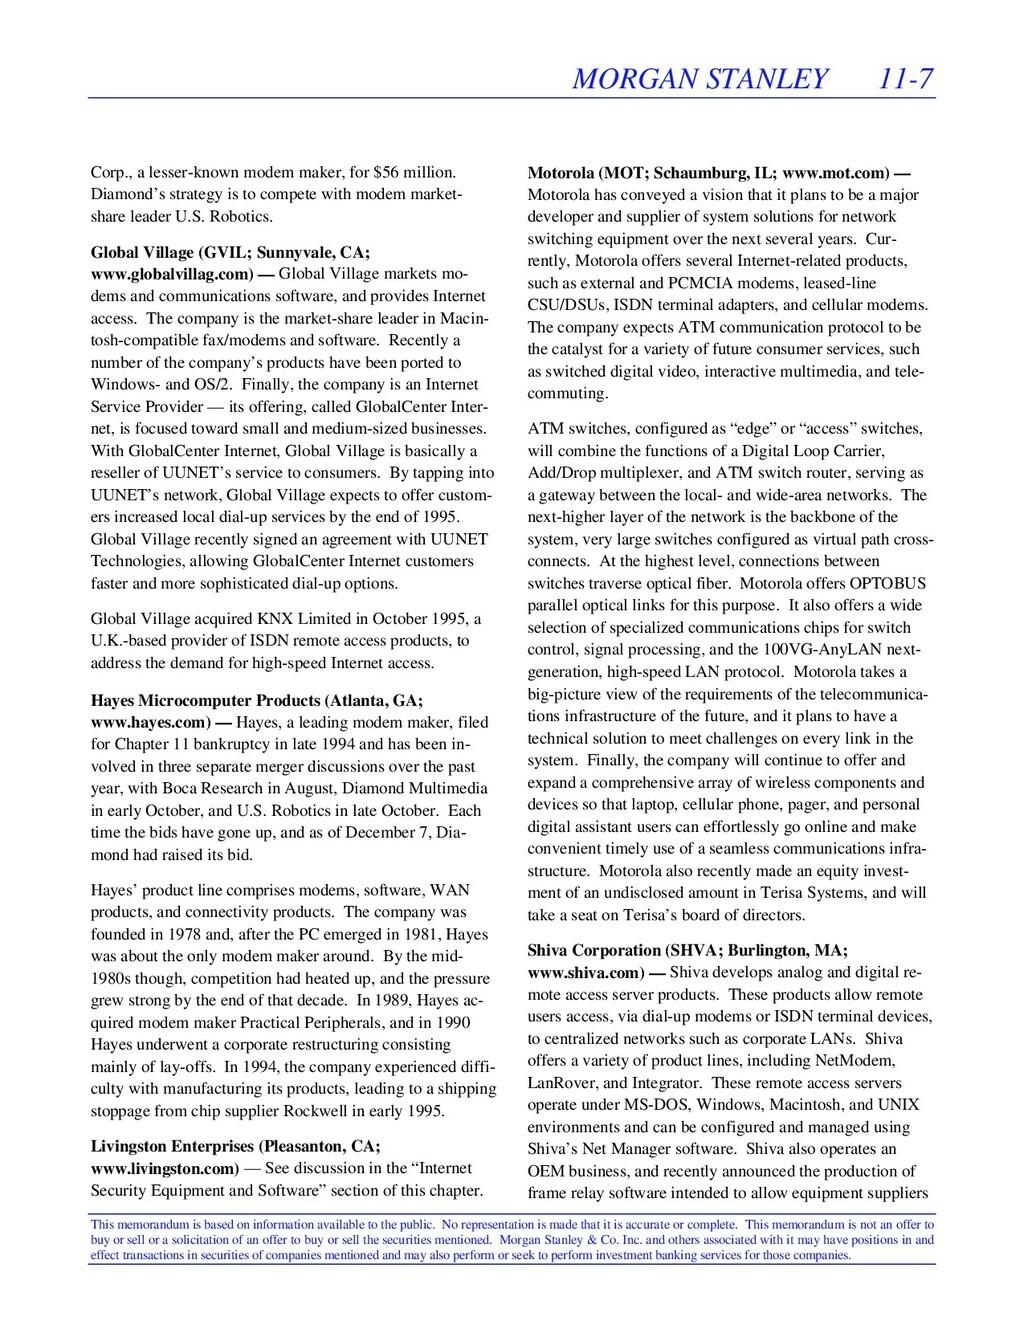 MORGAN STANLEY 11-7 This memorandum is based on...